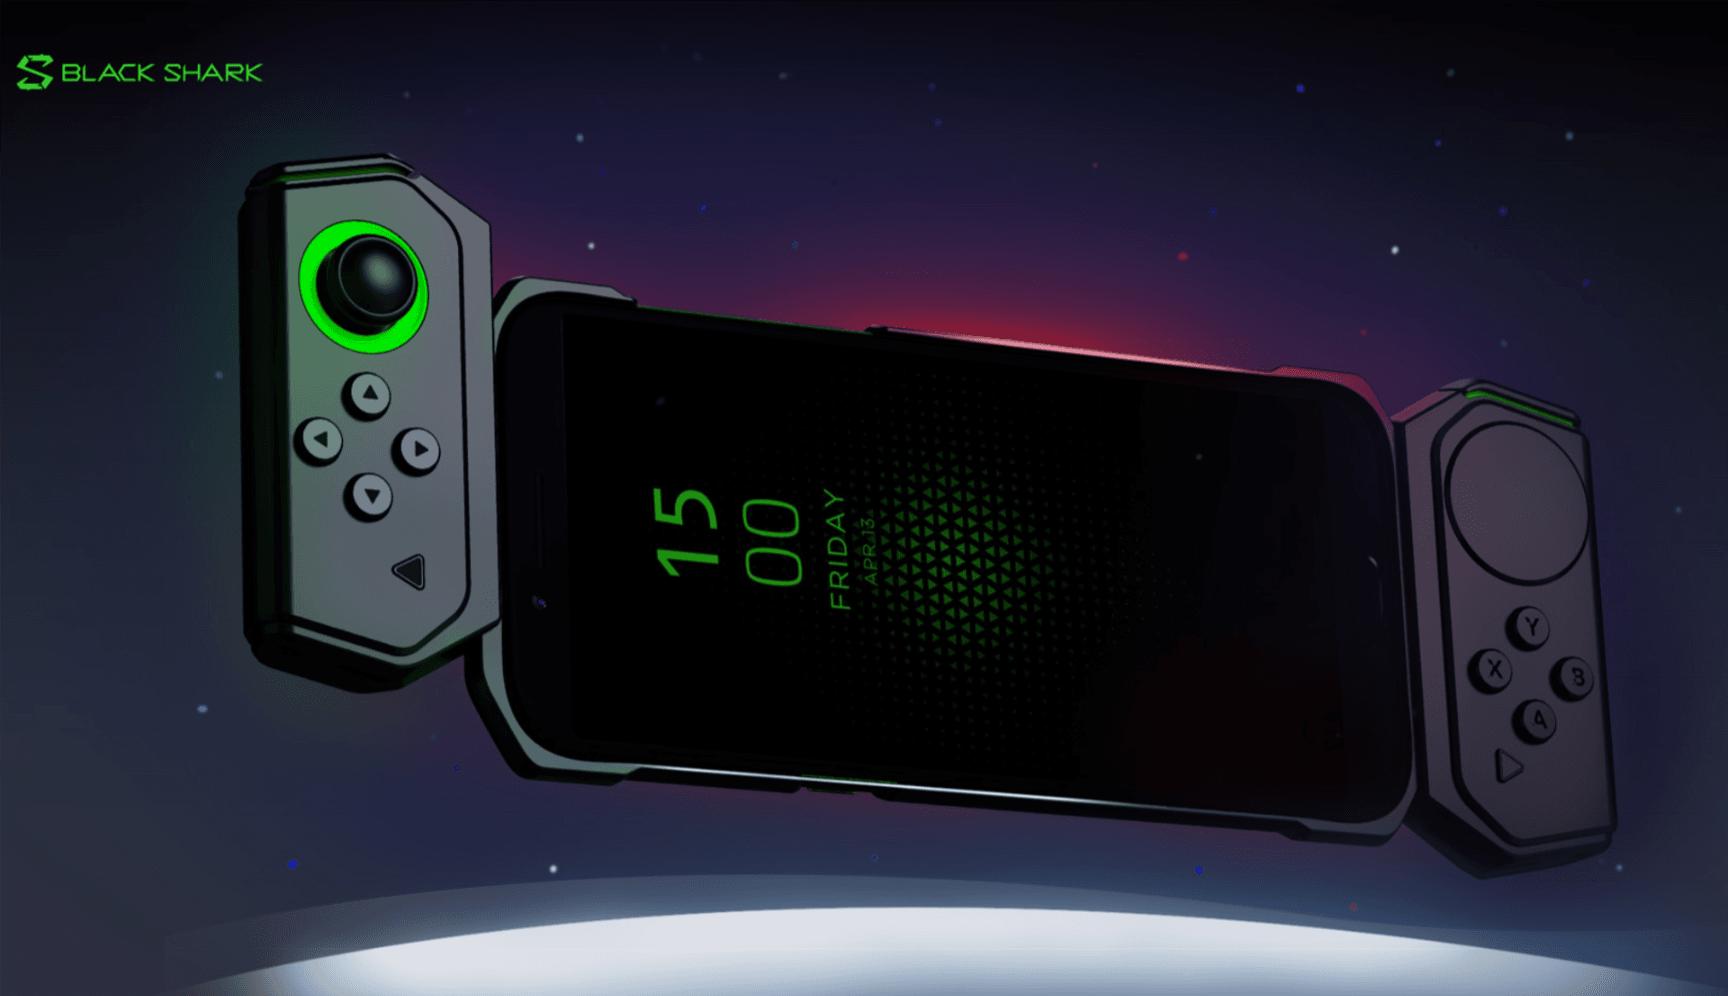 Dzięki Gamepad 2.0, Xiaomi Black Shark wygląda trochę jak Nintendo Switch 23